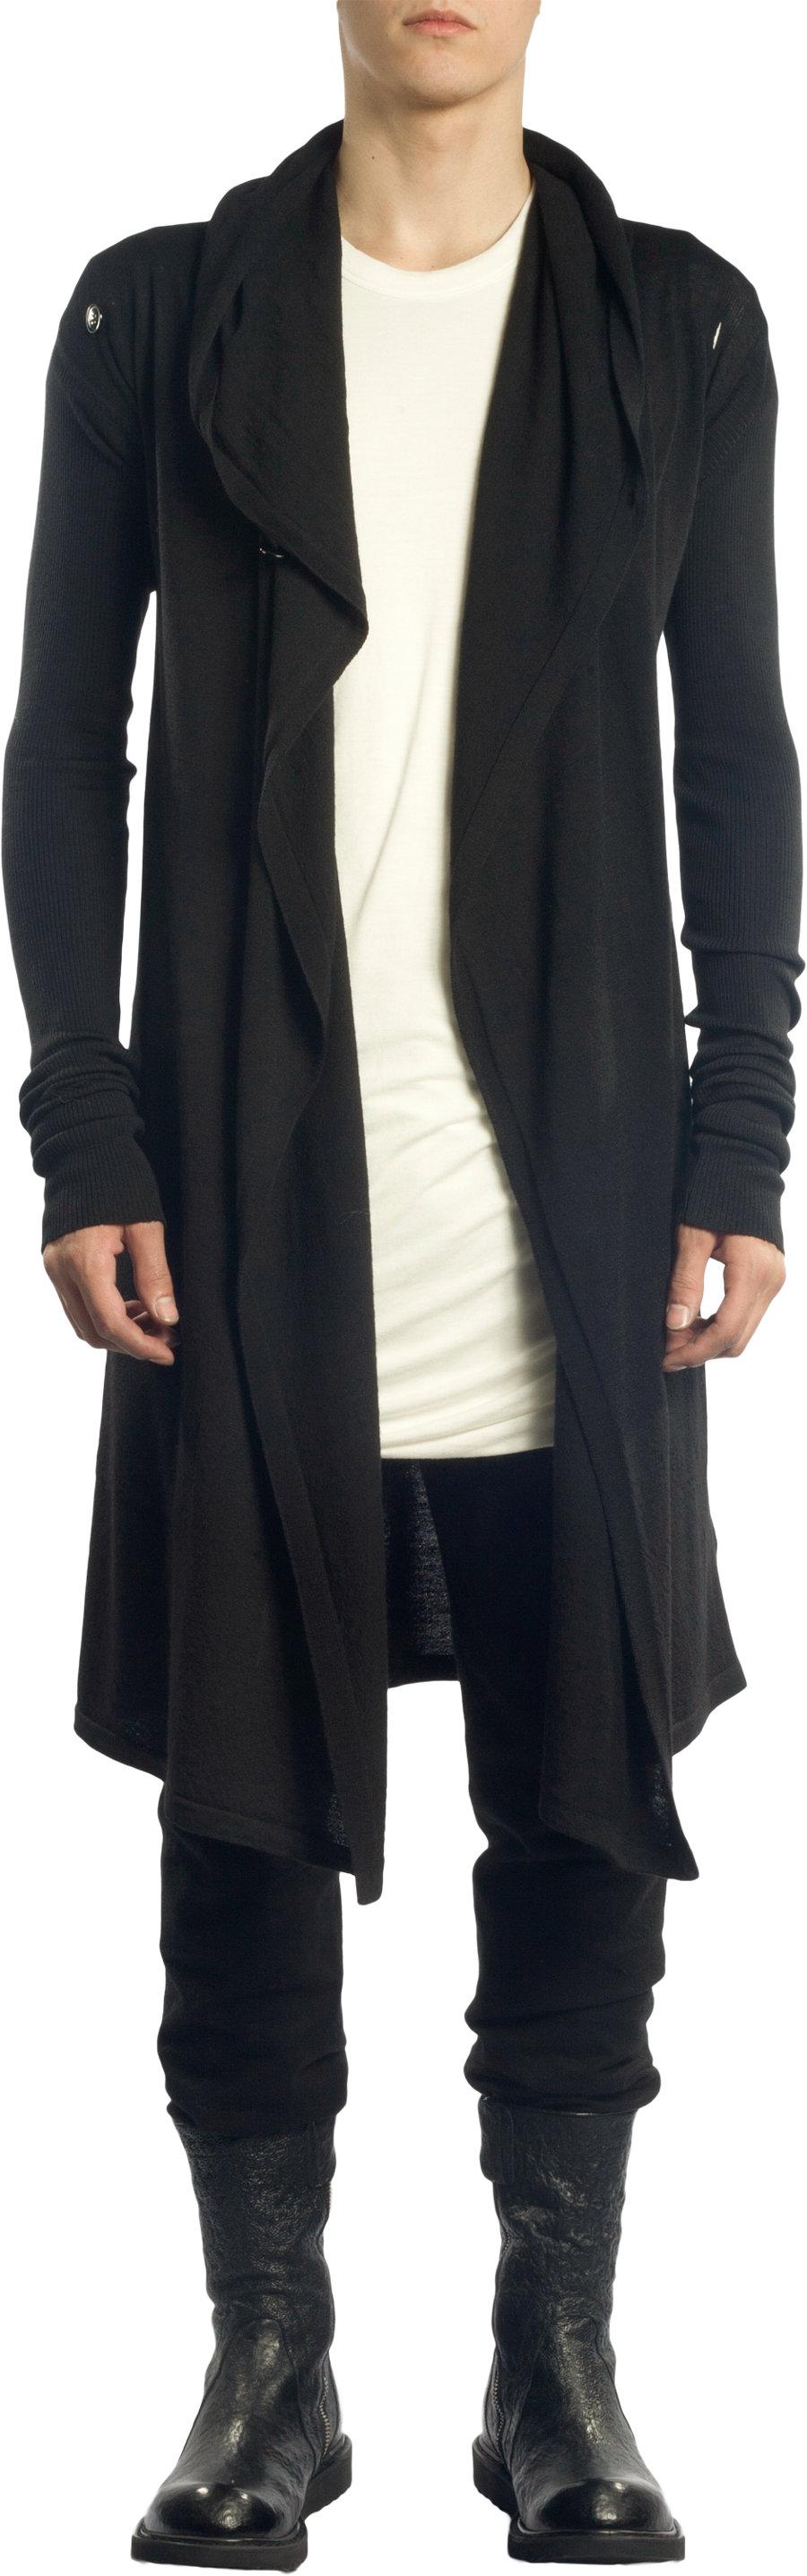 Mua sắm mùa đông áo len - 12